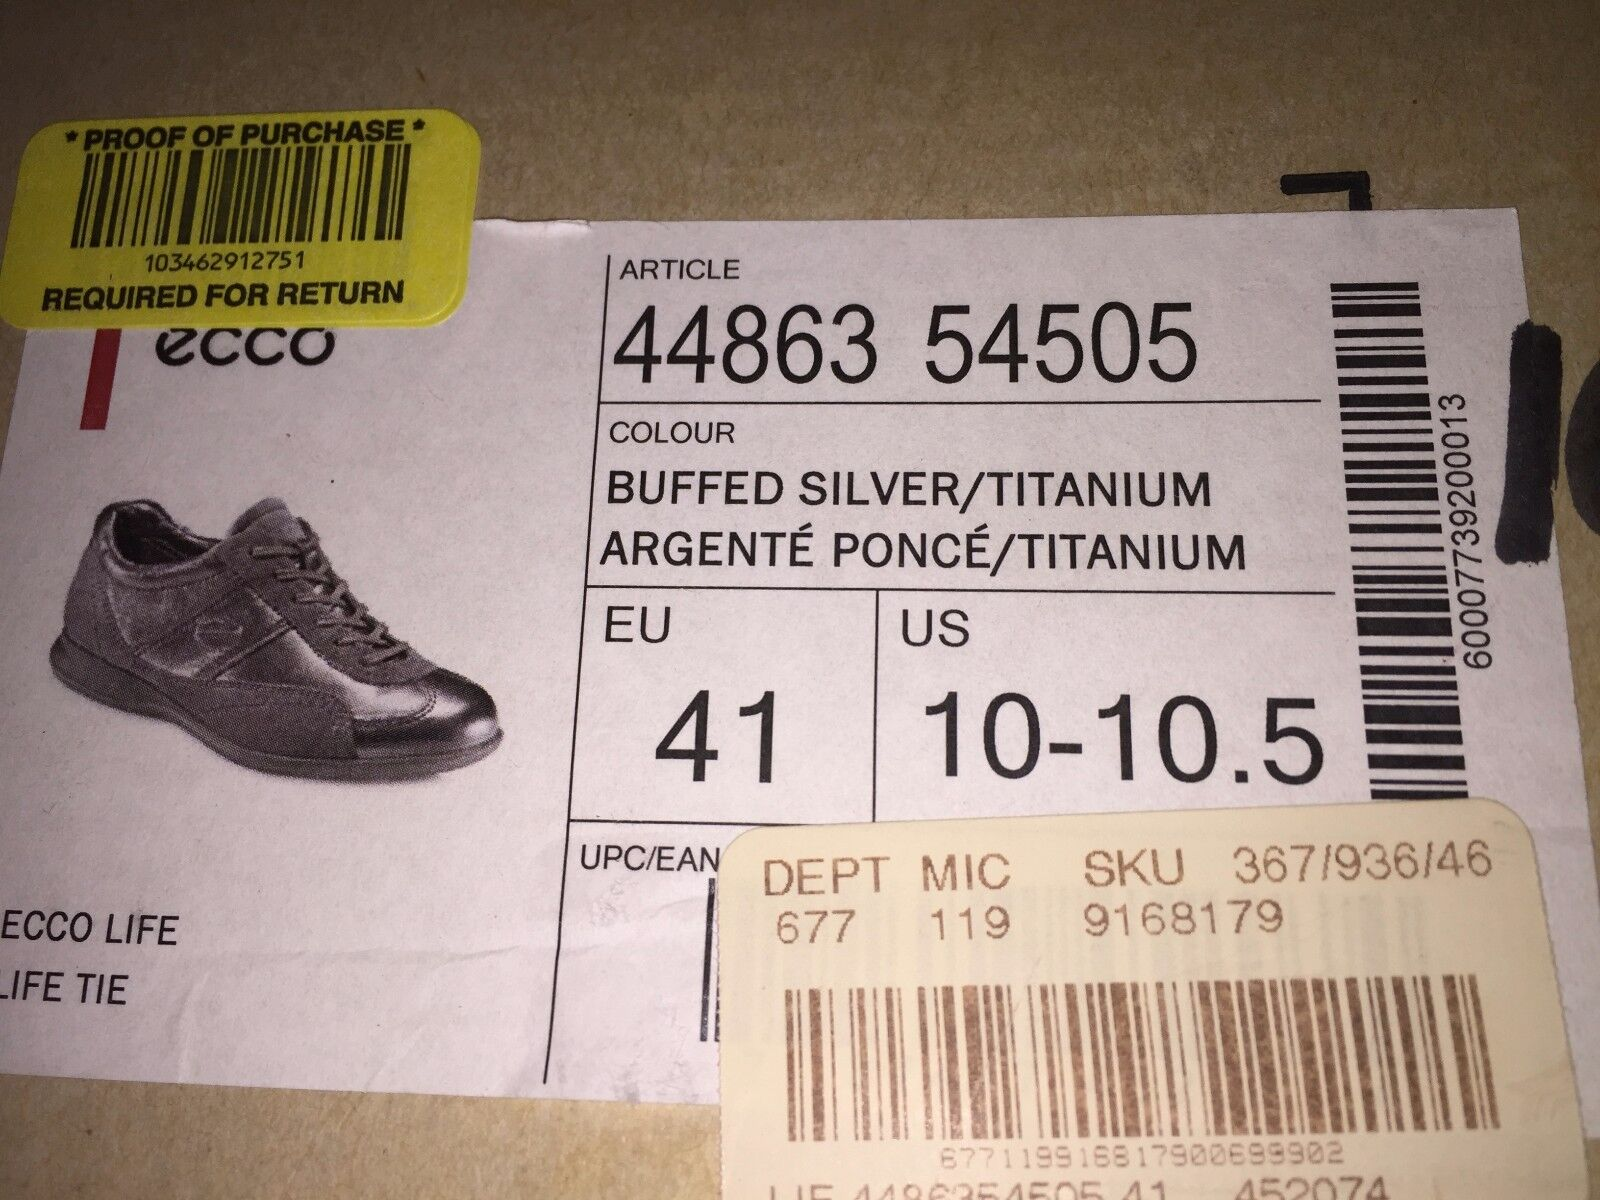 Ecco Woman's Ecco Life Sneaker schuhe Buffed Silver/Titanium Silver/Titanium Buffed  Life Tie 5533bd